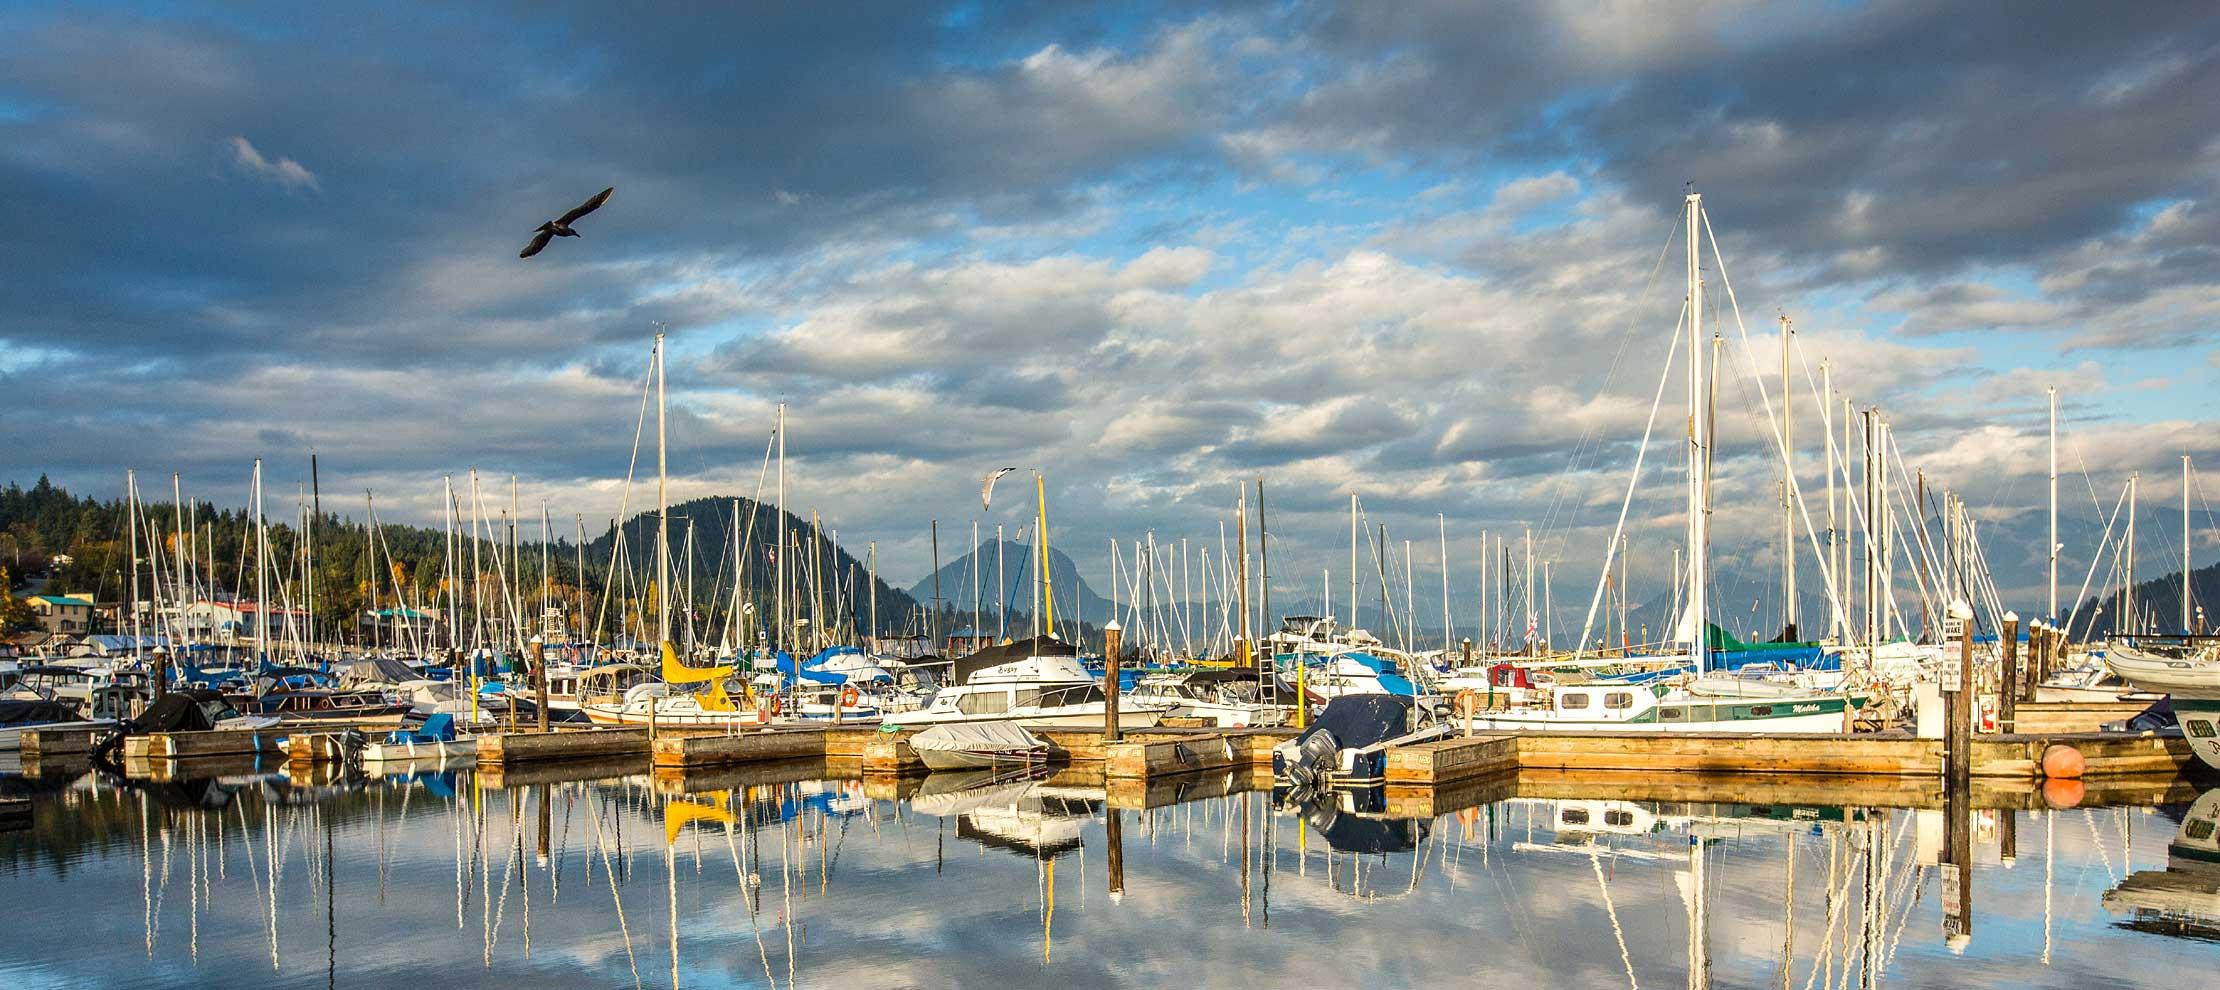 Boats in the marina